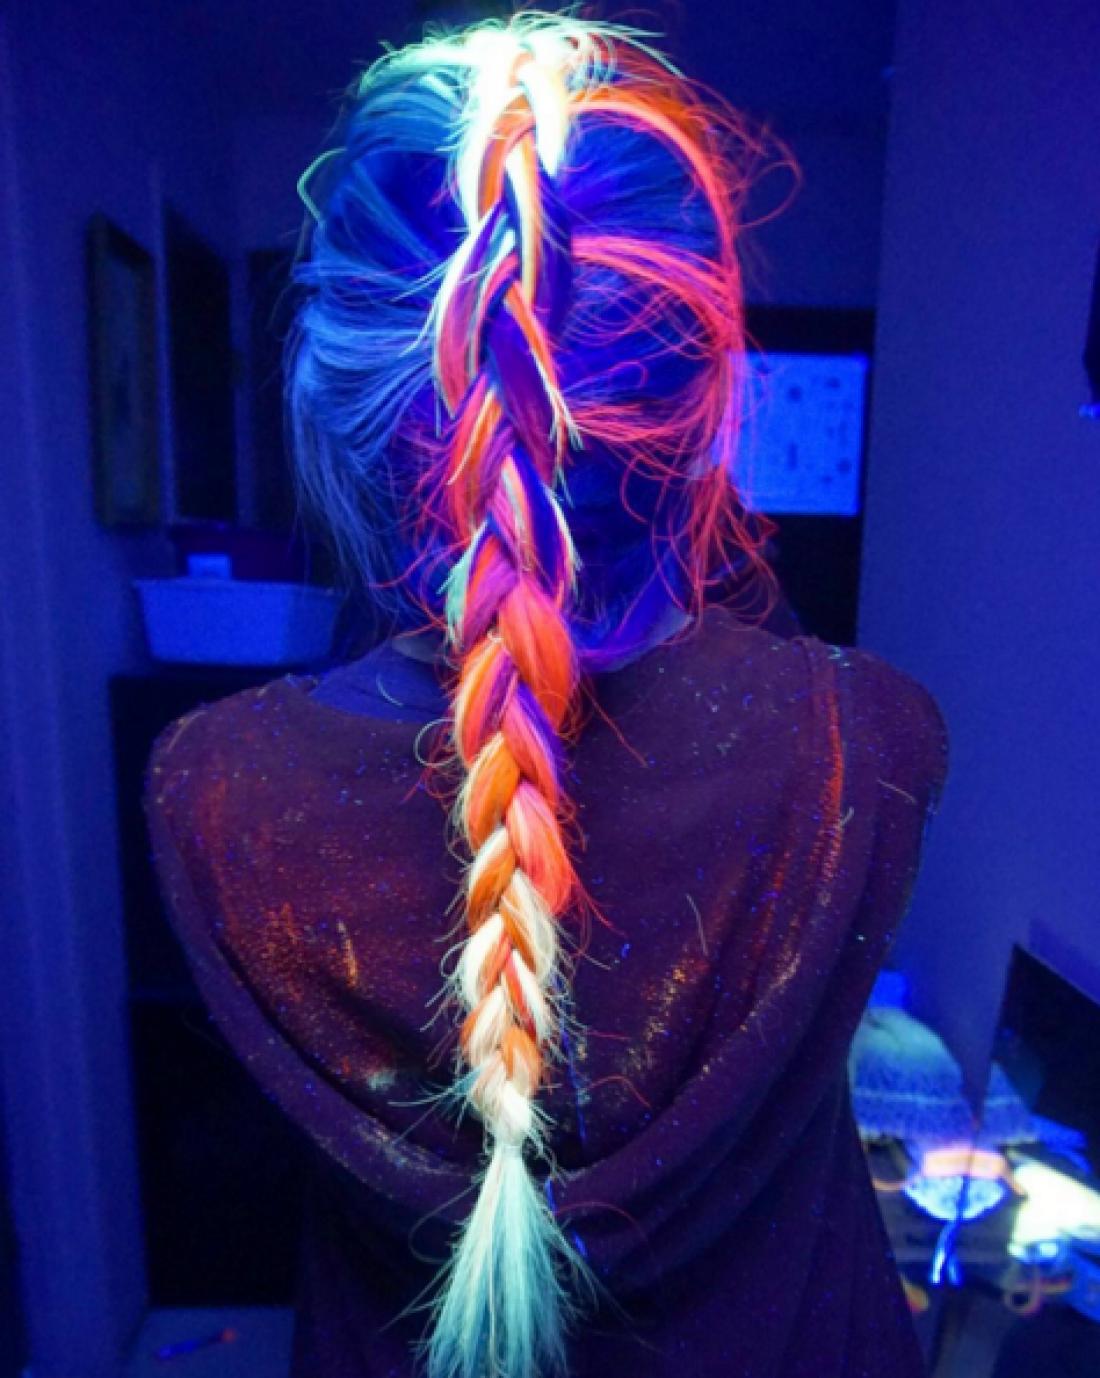 Волосы, светящиеся в темноте, стали самым